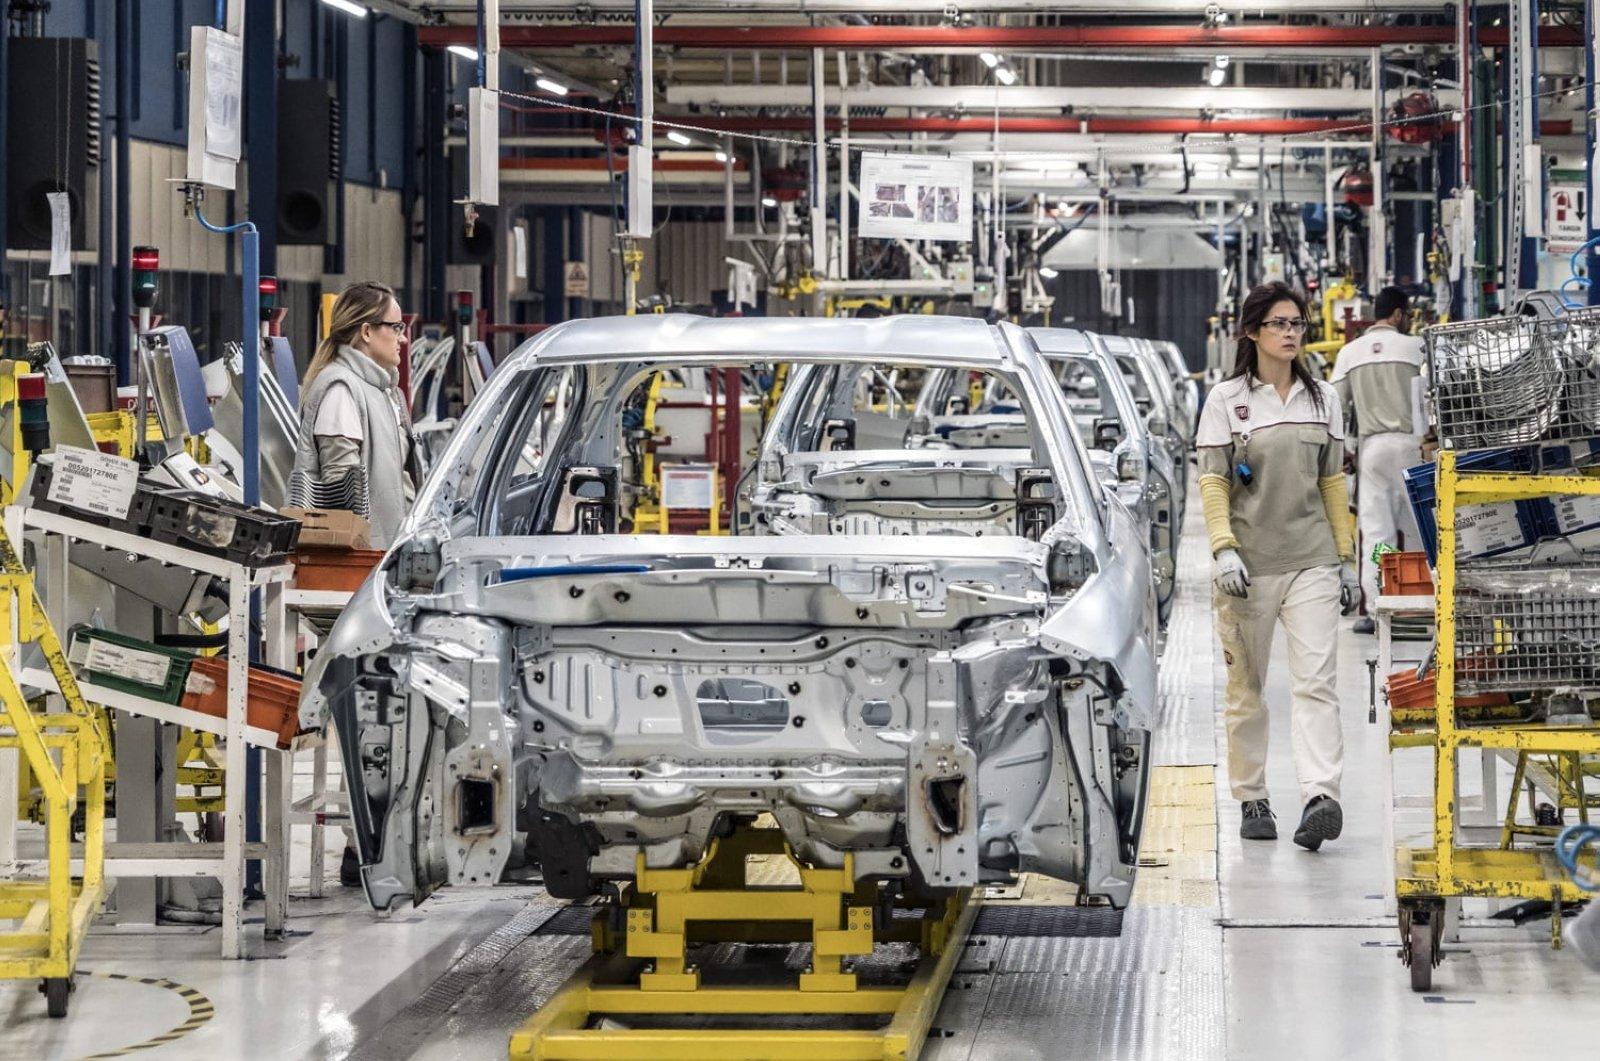 أحد خطوط الإنتاج في مصنع سيارات في تركيا